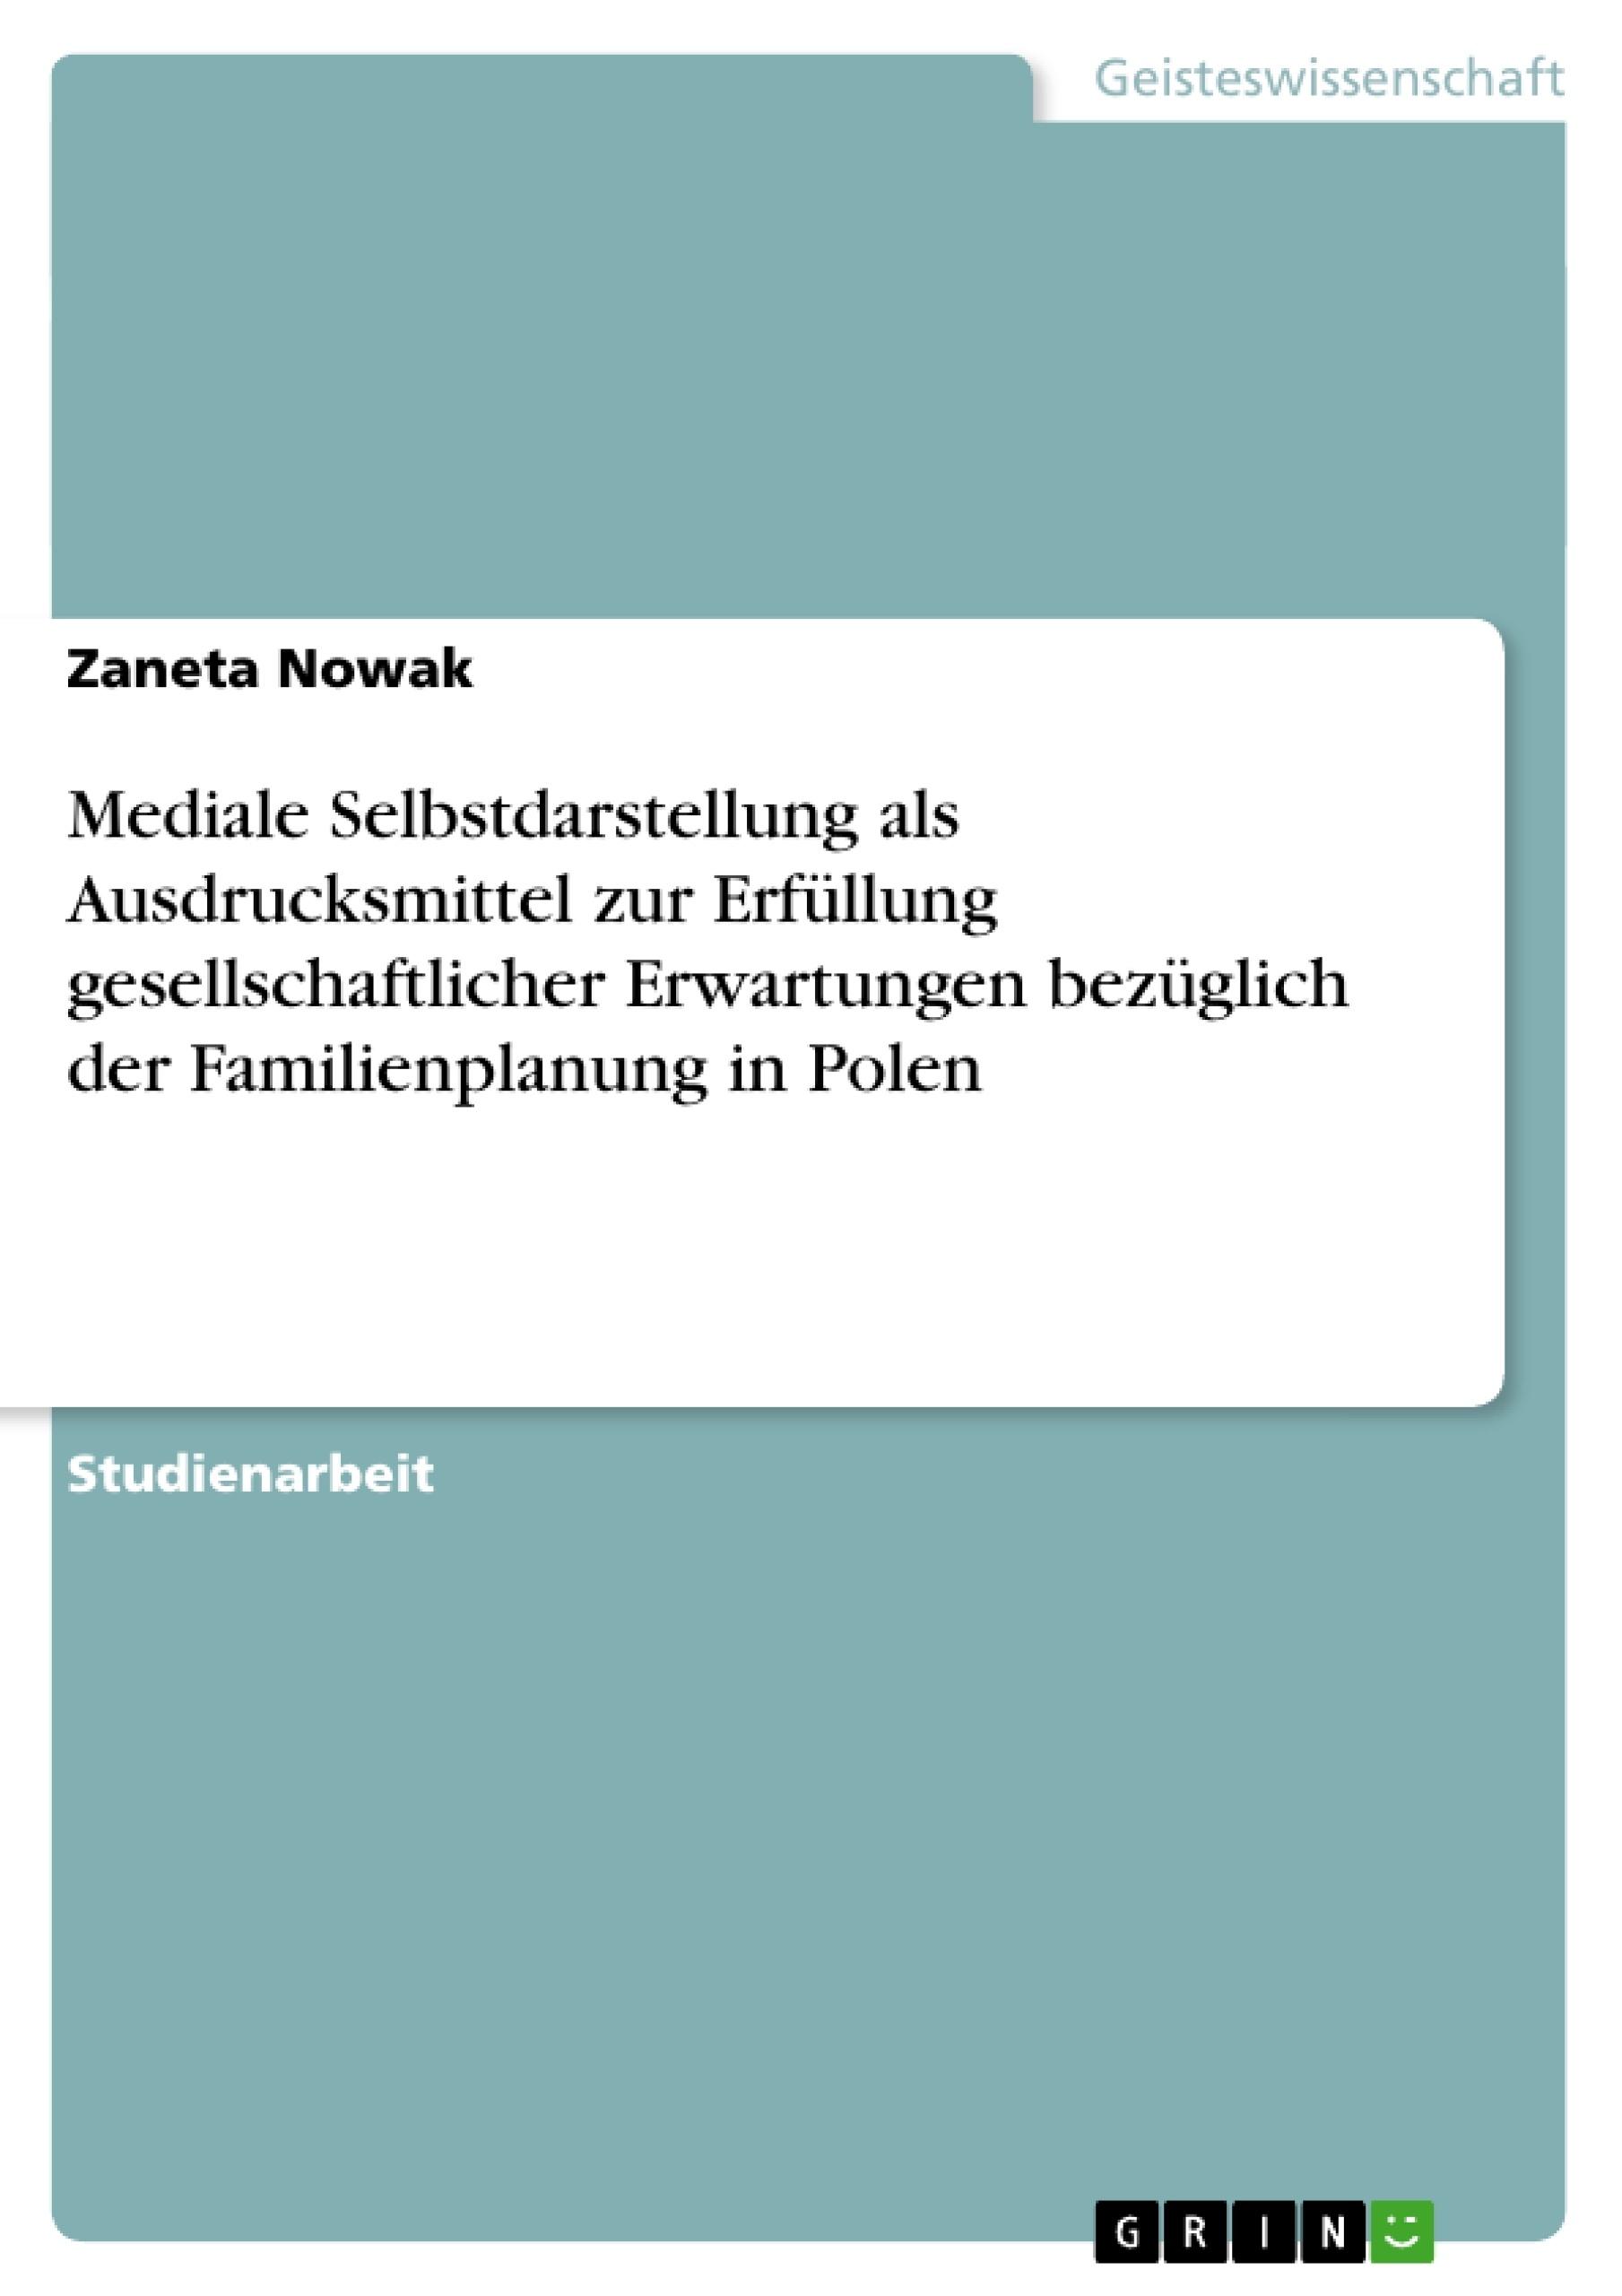 Titel: Mediale Selbstdarstellung als Ausdrucksmittel zur Erfüllung gesellschaftlicher Erwartungen bezüglich der Familienplanung in Polen